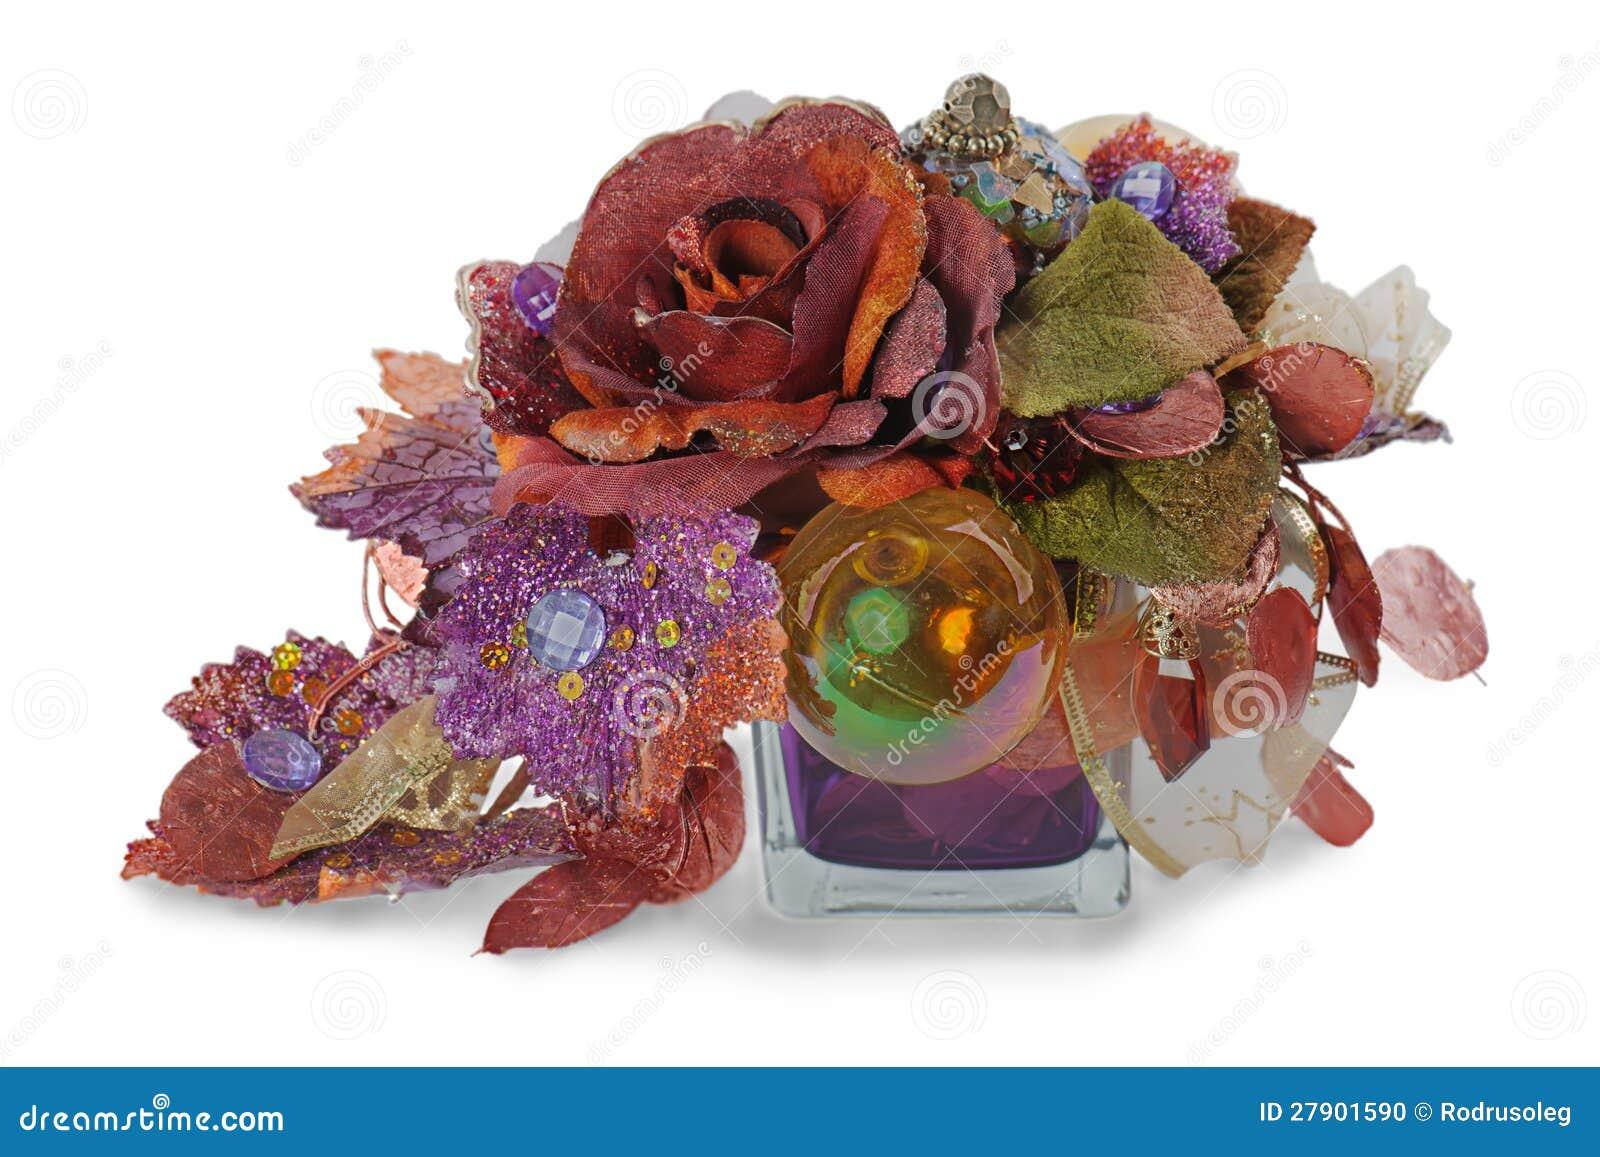 flores artificiales de navidad: